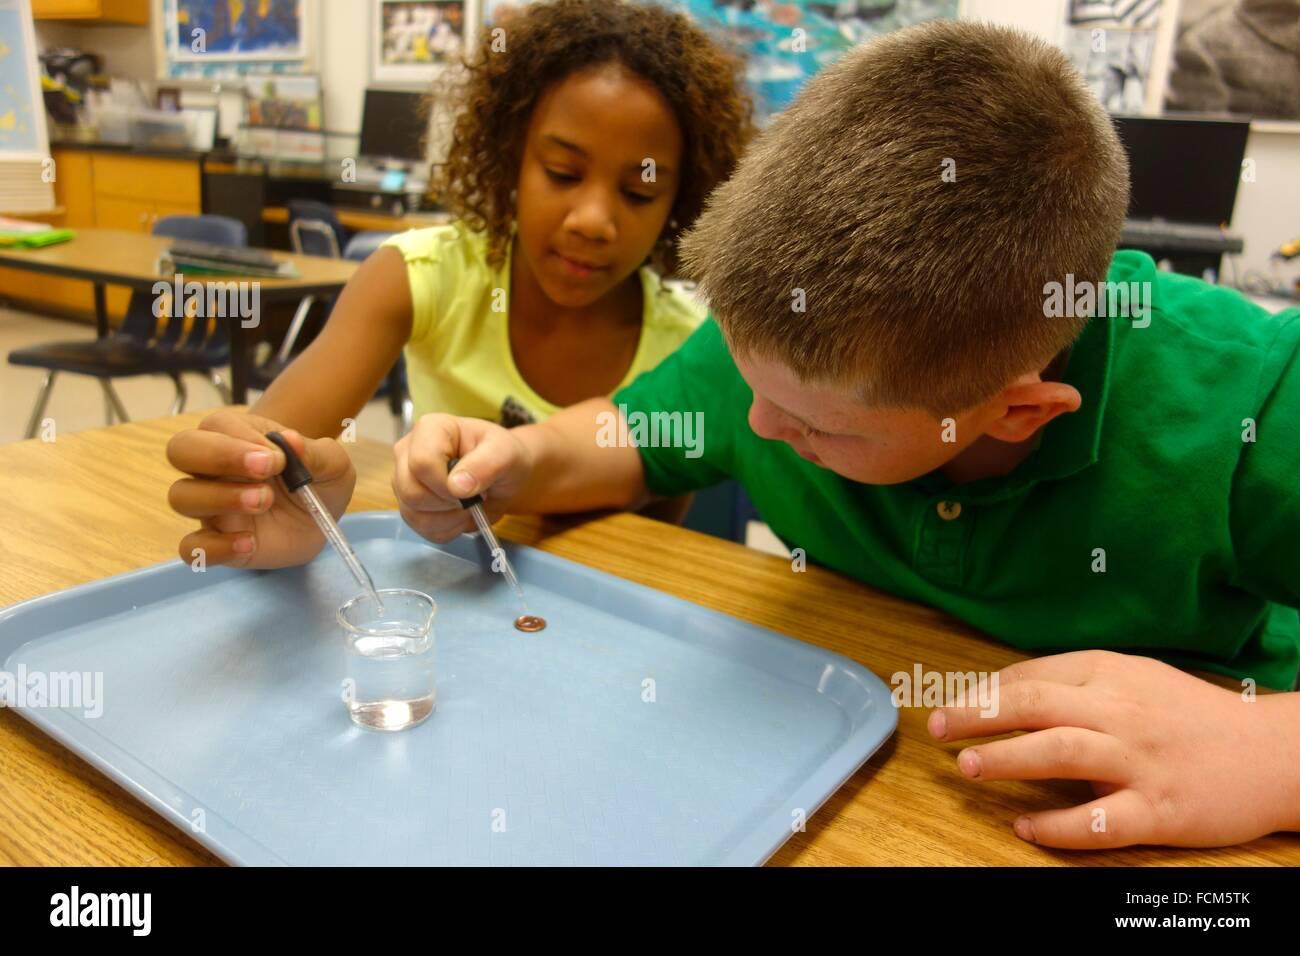 Wissenschaftliches Experiment Zusammenhalt, Wellsville, New York, Vereinigte Staaten von Amerika. Stockbild